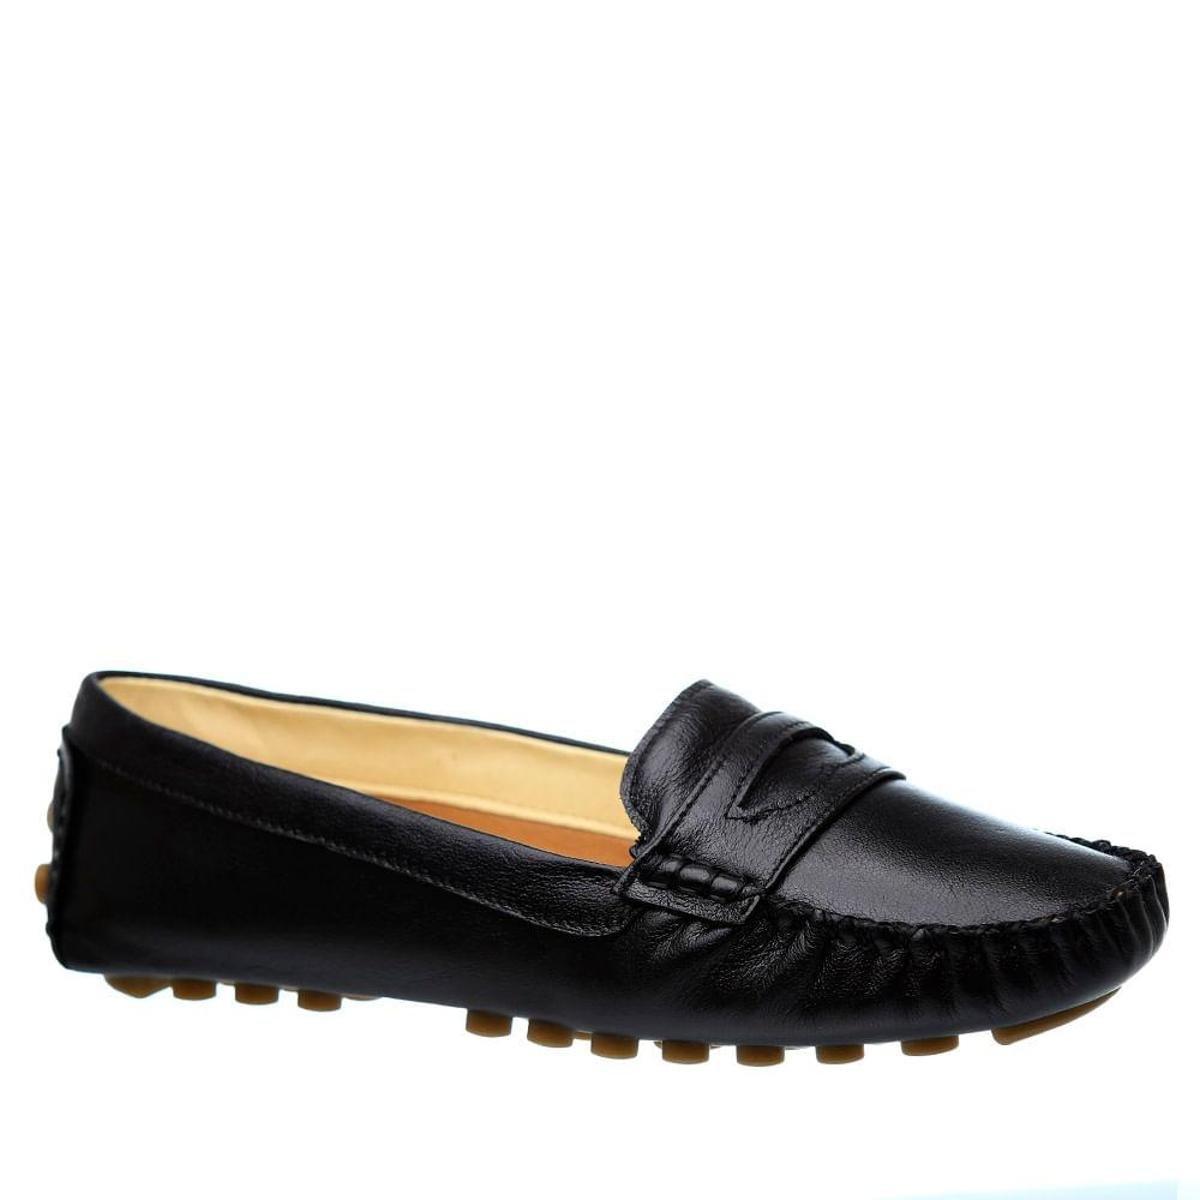 6e1f0acb8b Mocassim Driver Couro 514 Doctor Shoes Feminino - Compre Agora